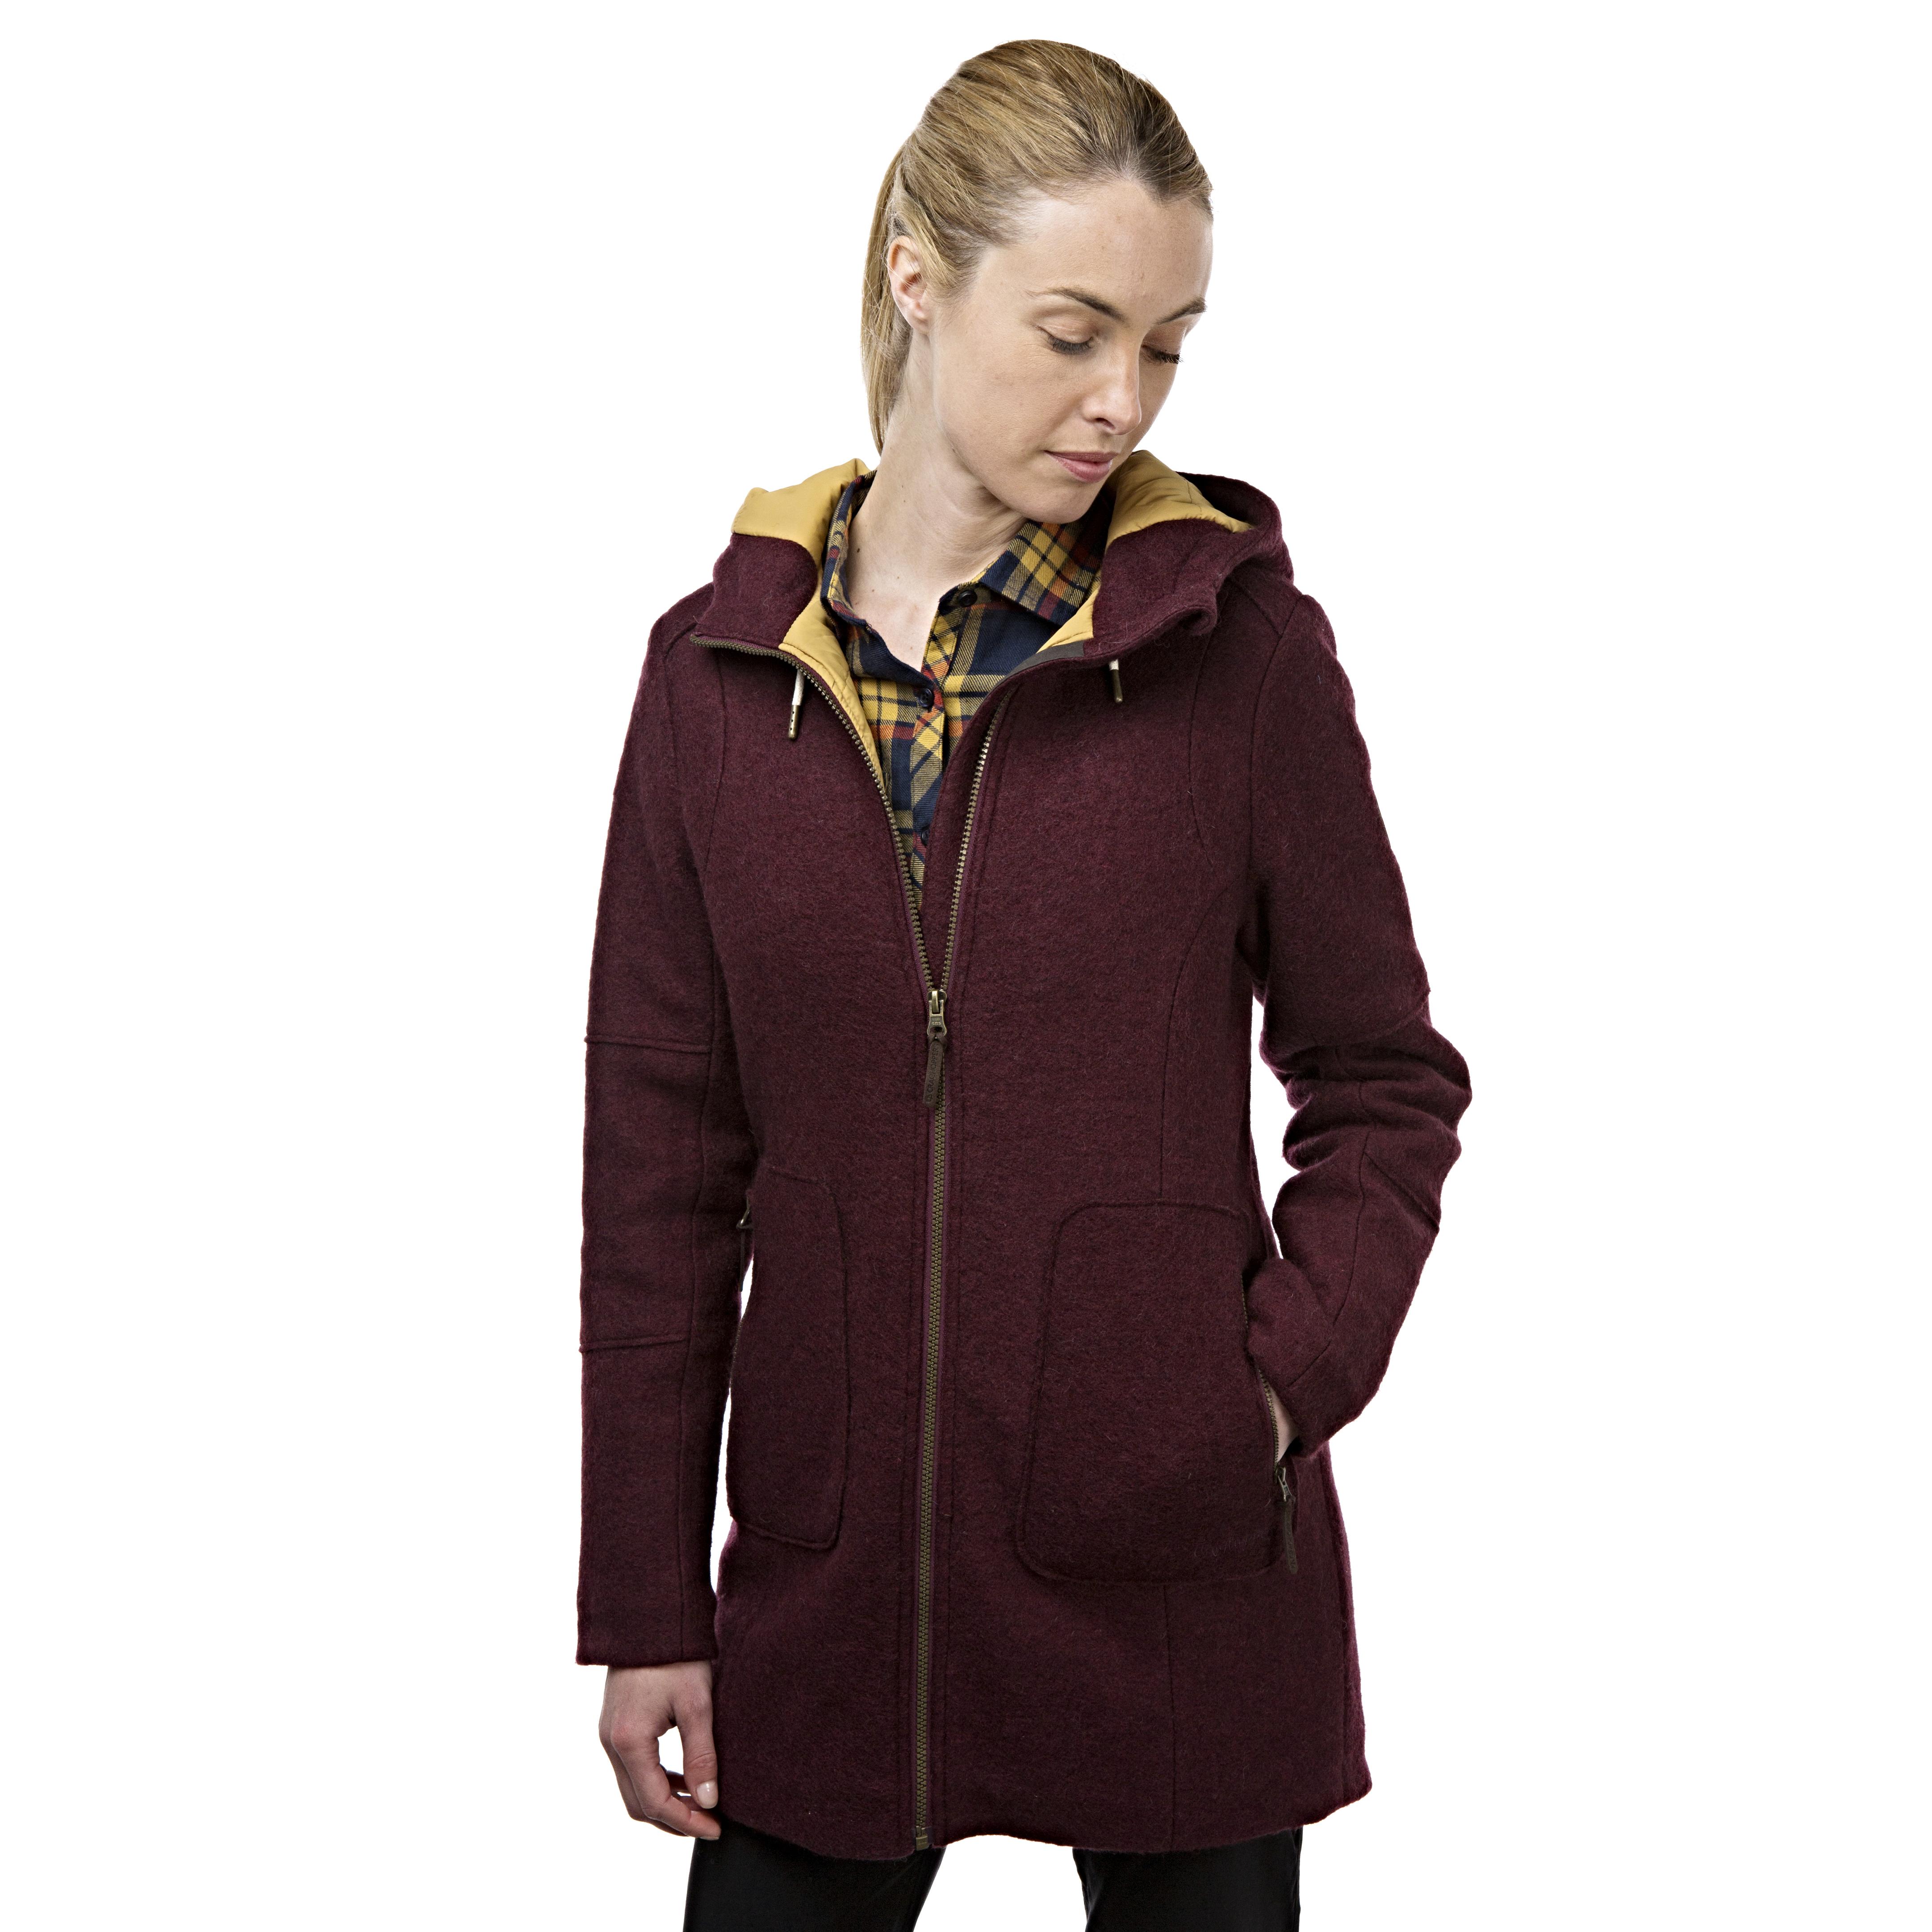 Craghoppers Ladies Hepworth Long Fleece Jacket Red - Warm & Padded ...